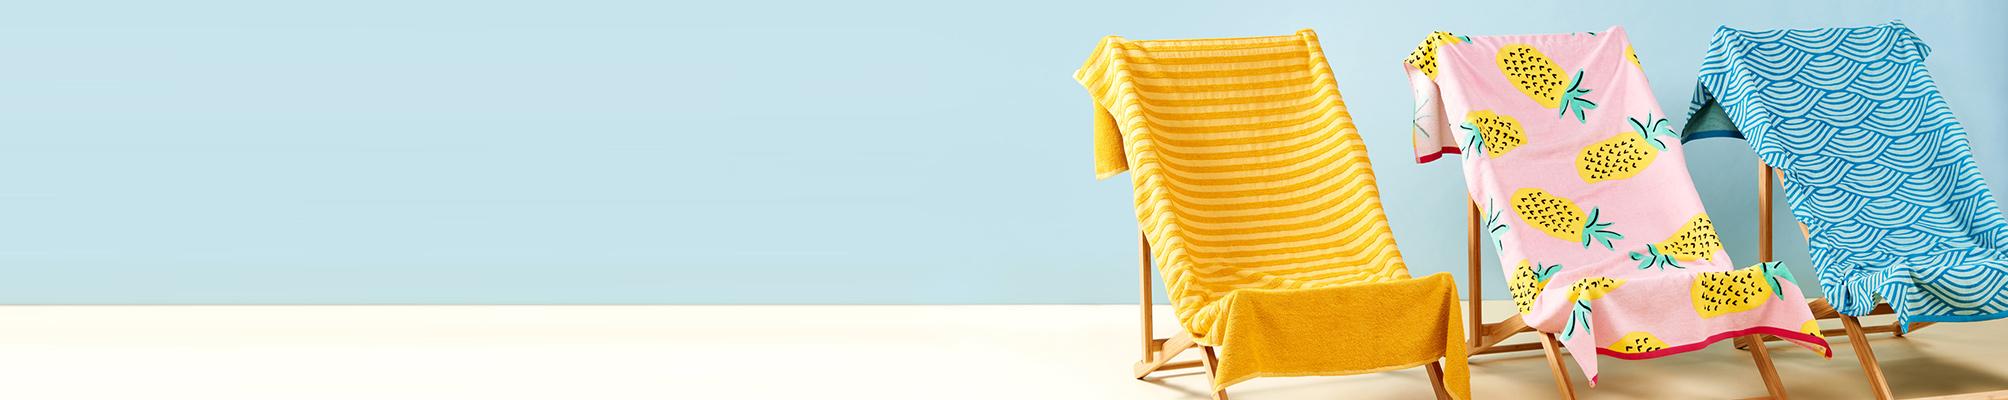 strandlakens en <br>accessoires - Herobanner - HEMA